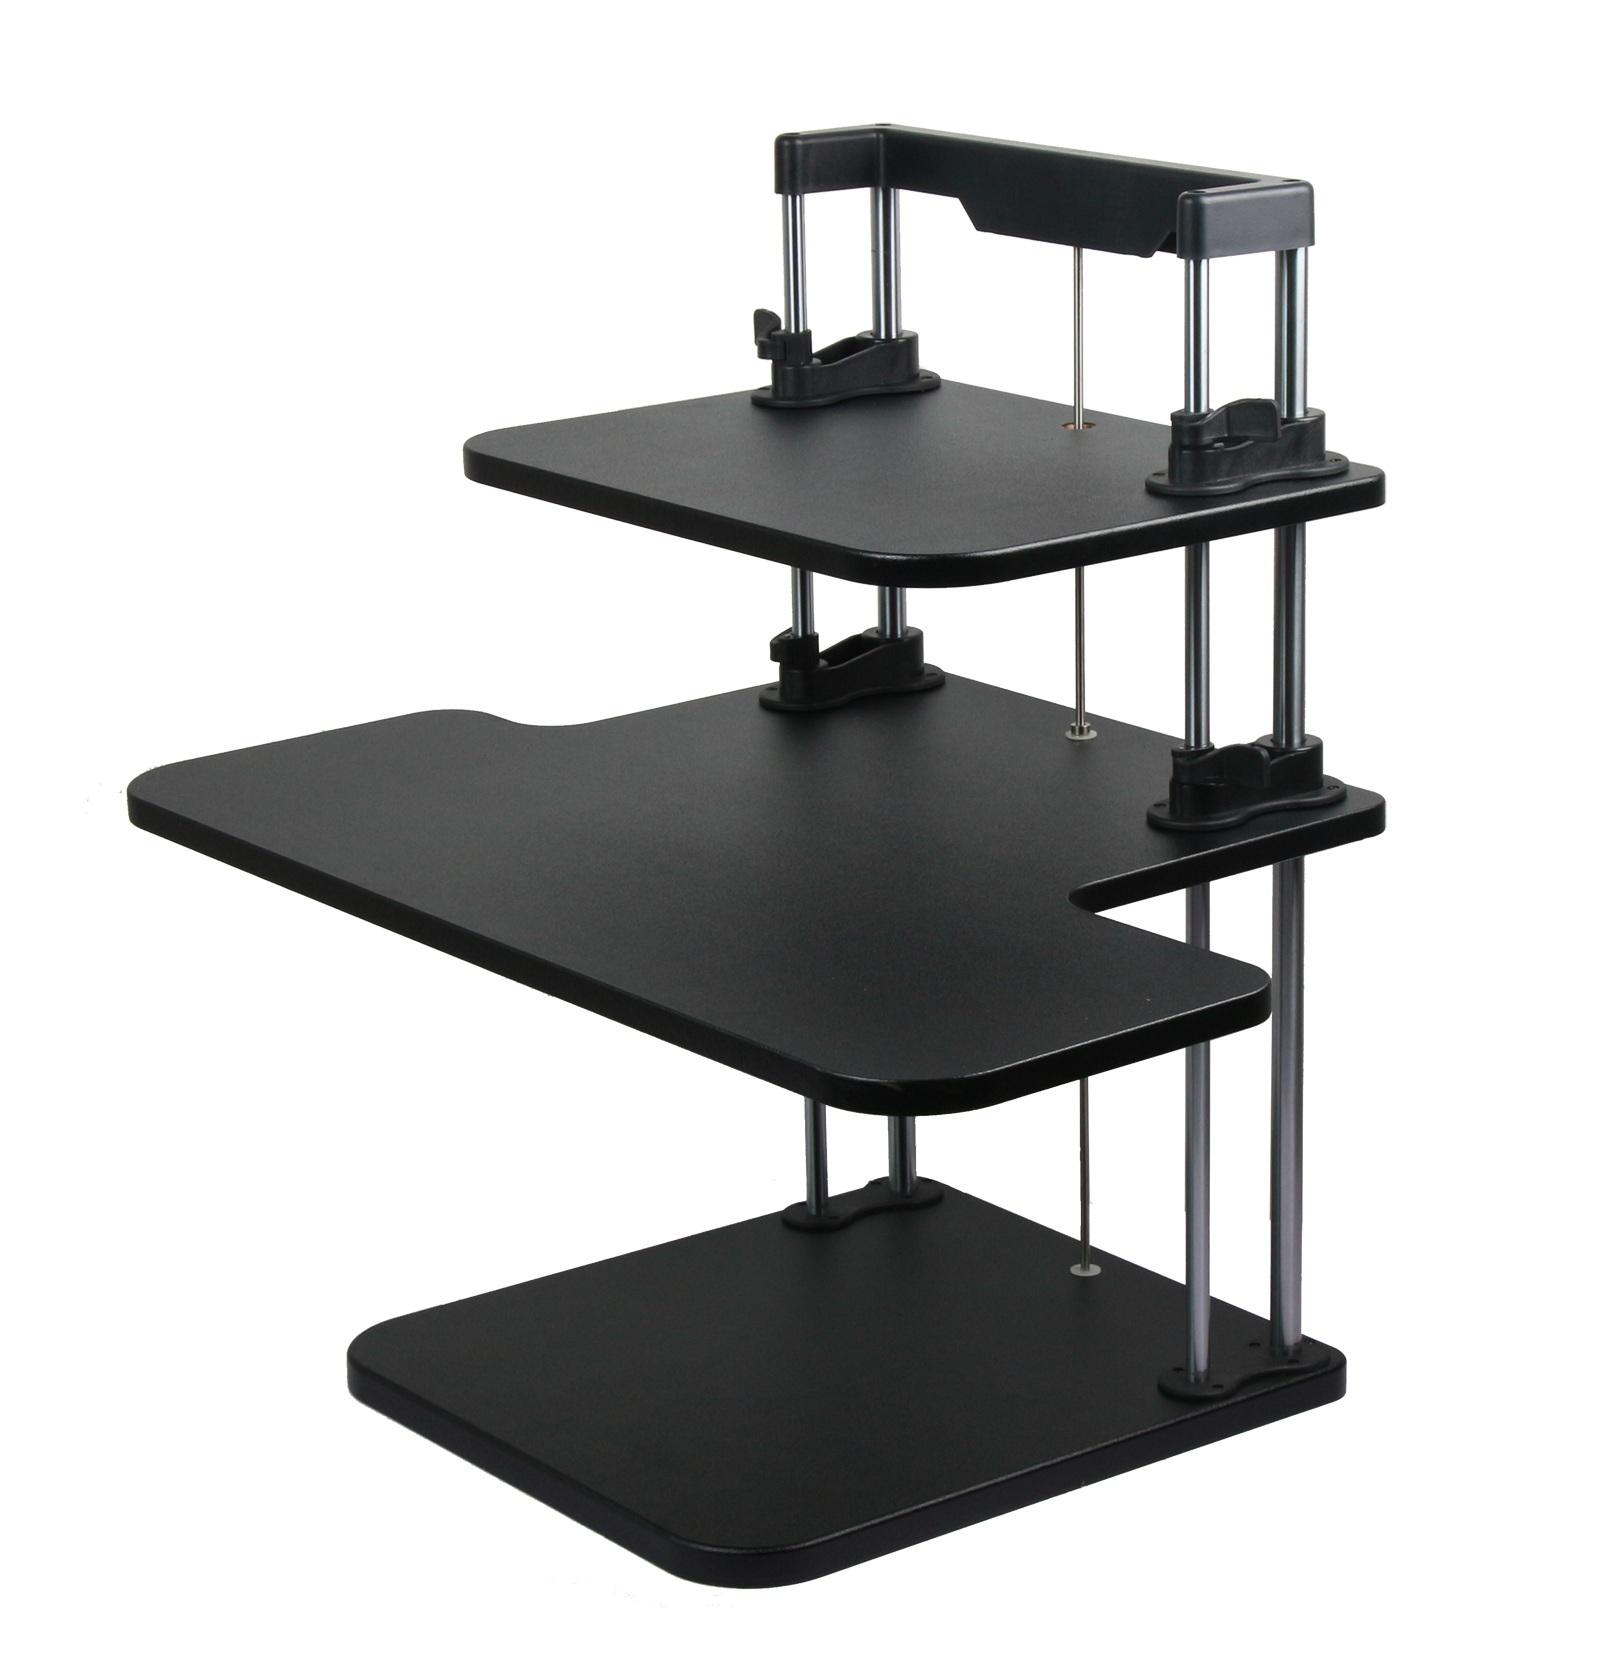 adjustable computer laptop standing desk   stand up desk